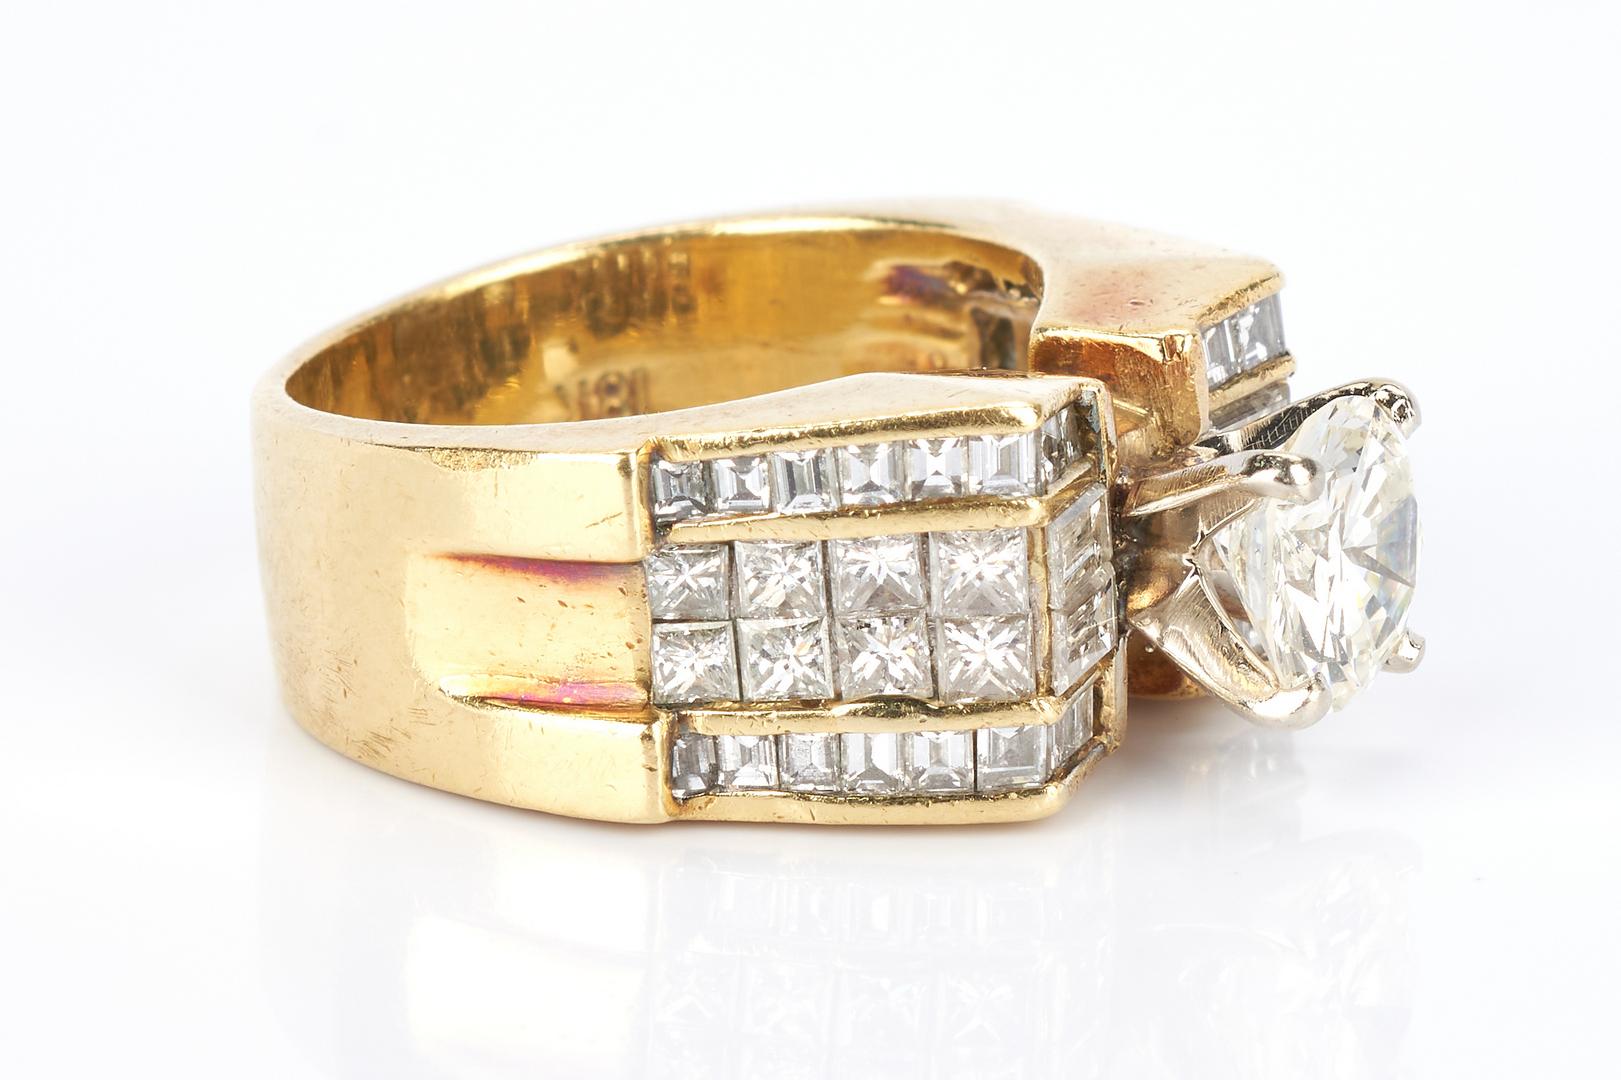 Lot 29: Ladies 18K 3.08 Carat Diamond Ring